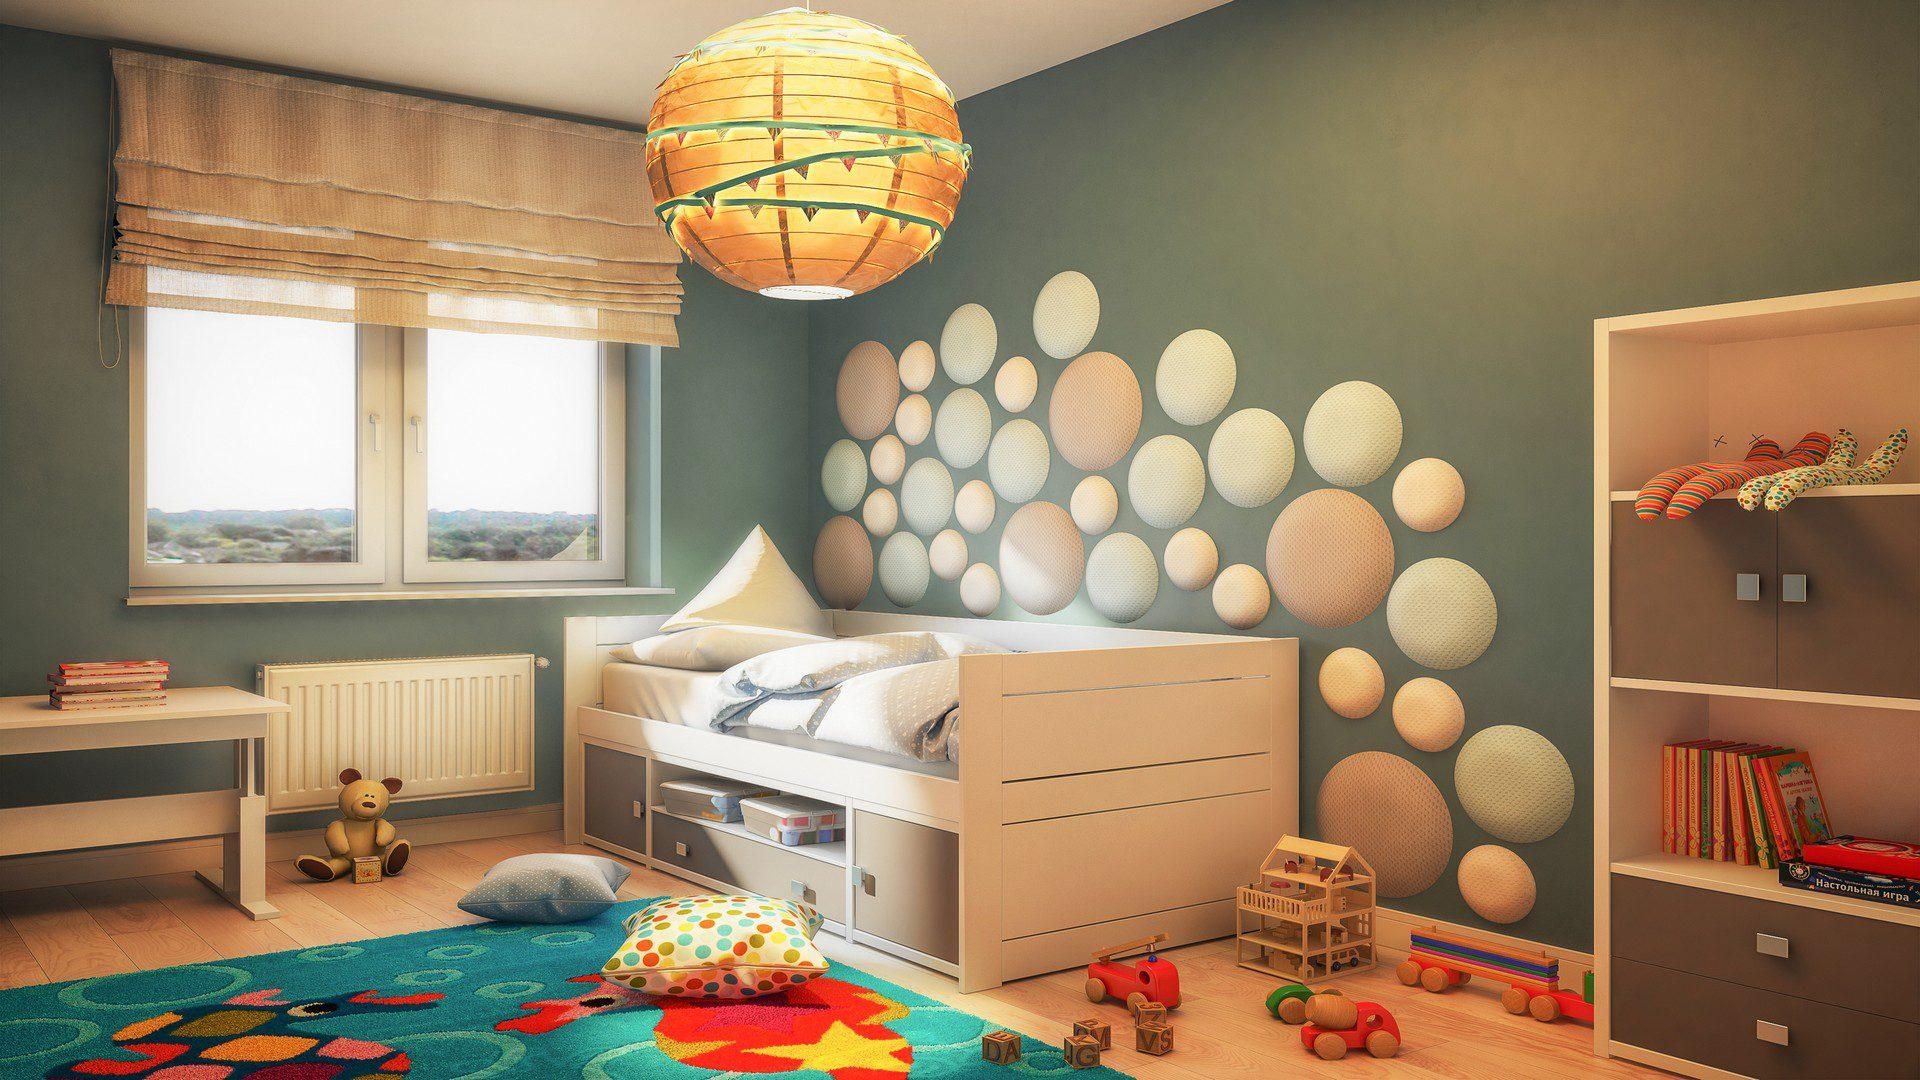 pokój dziecka wizualizacja aranżacja 3d